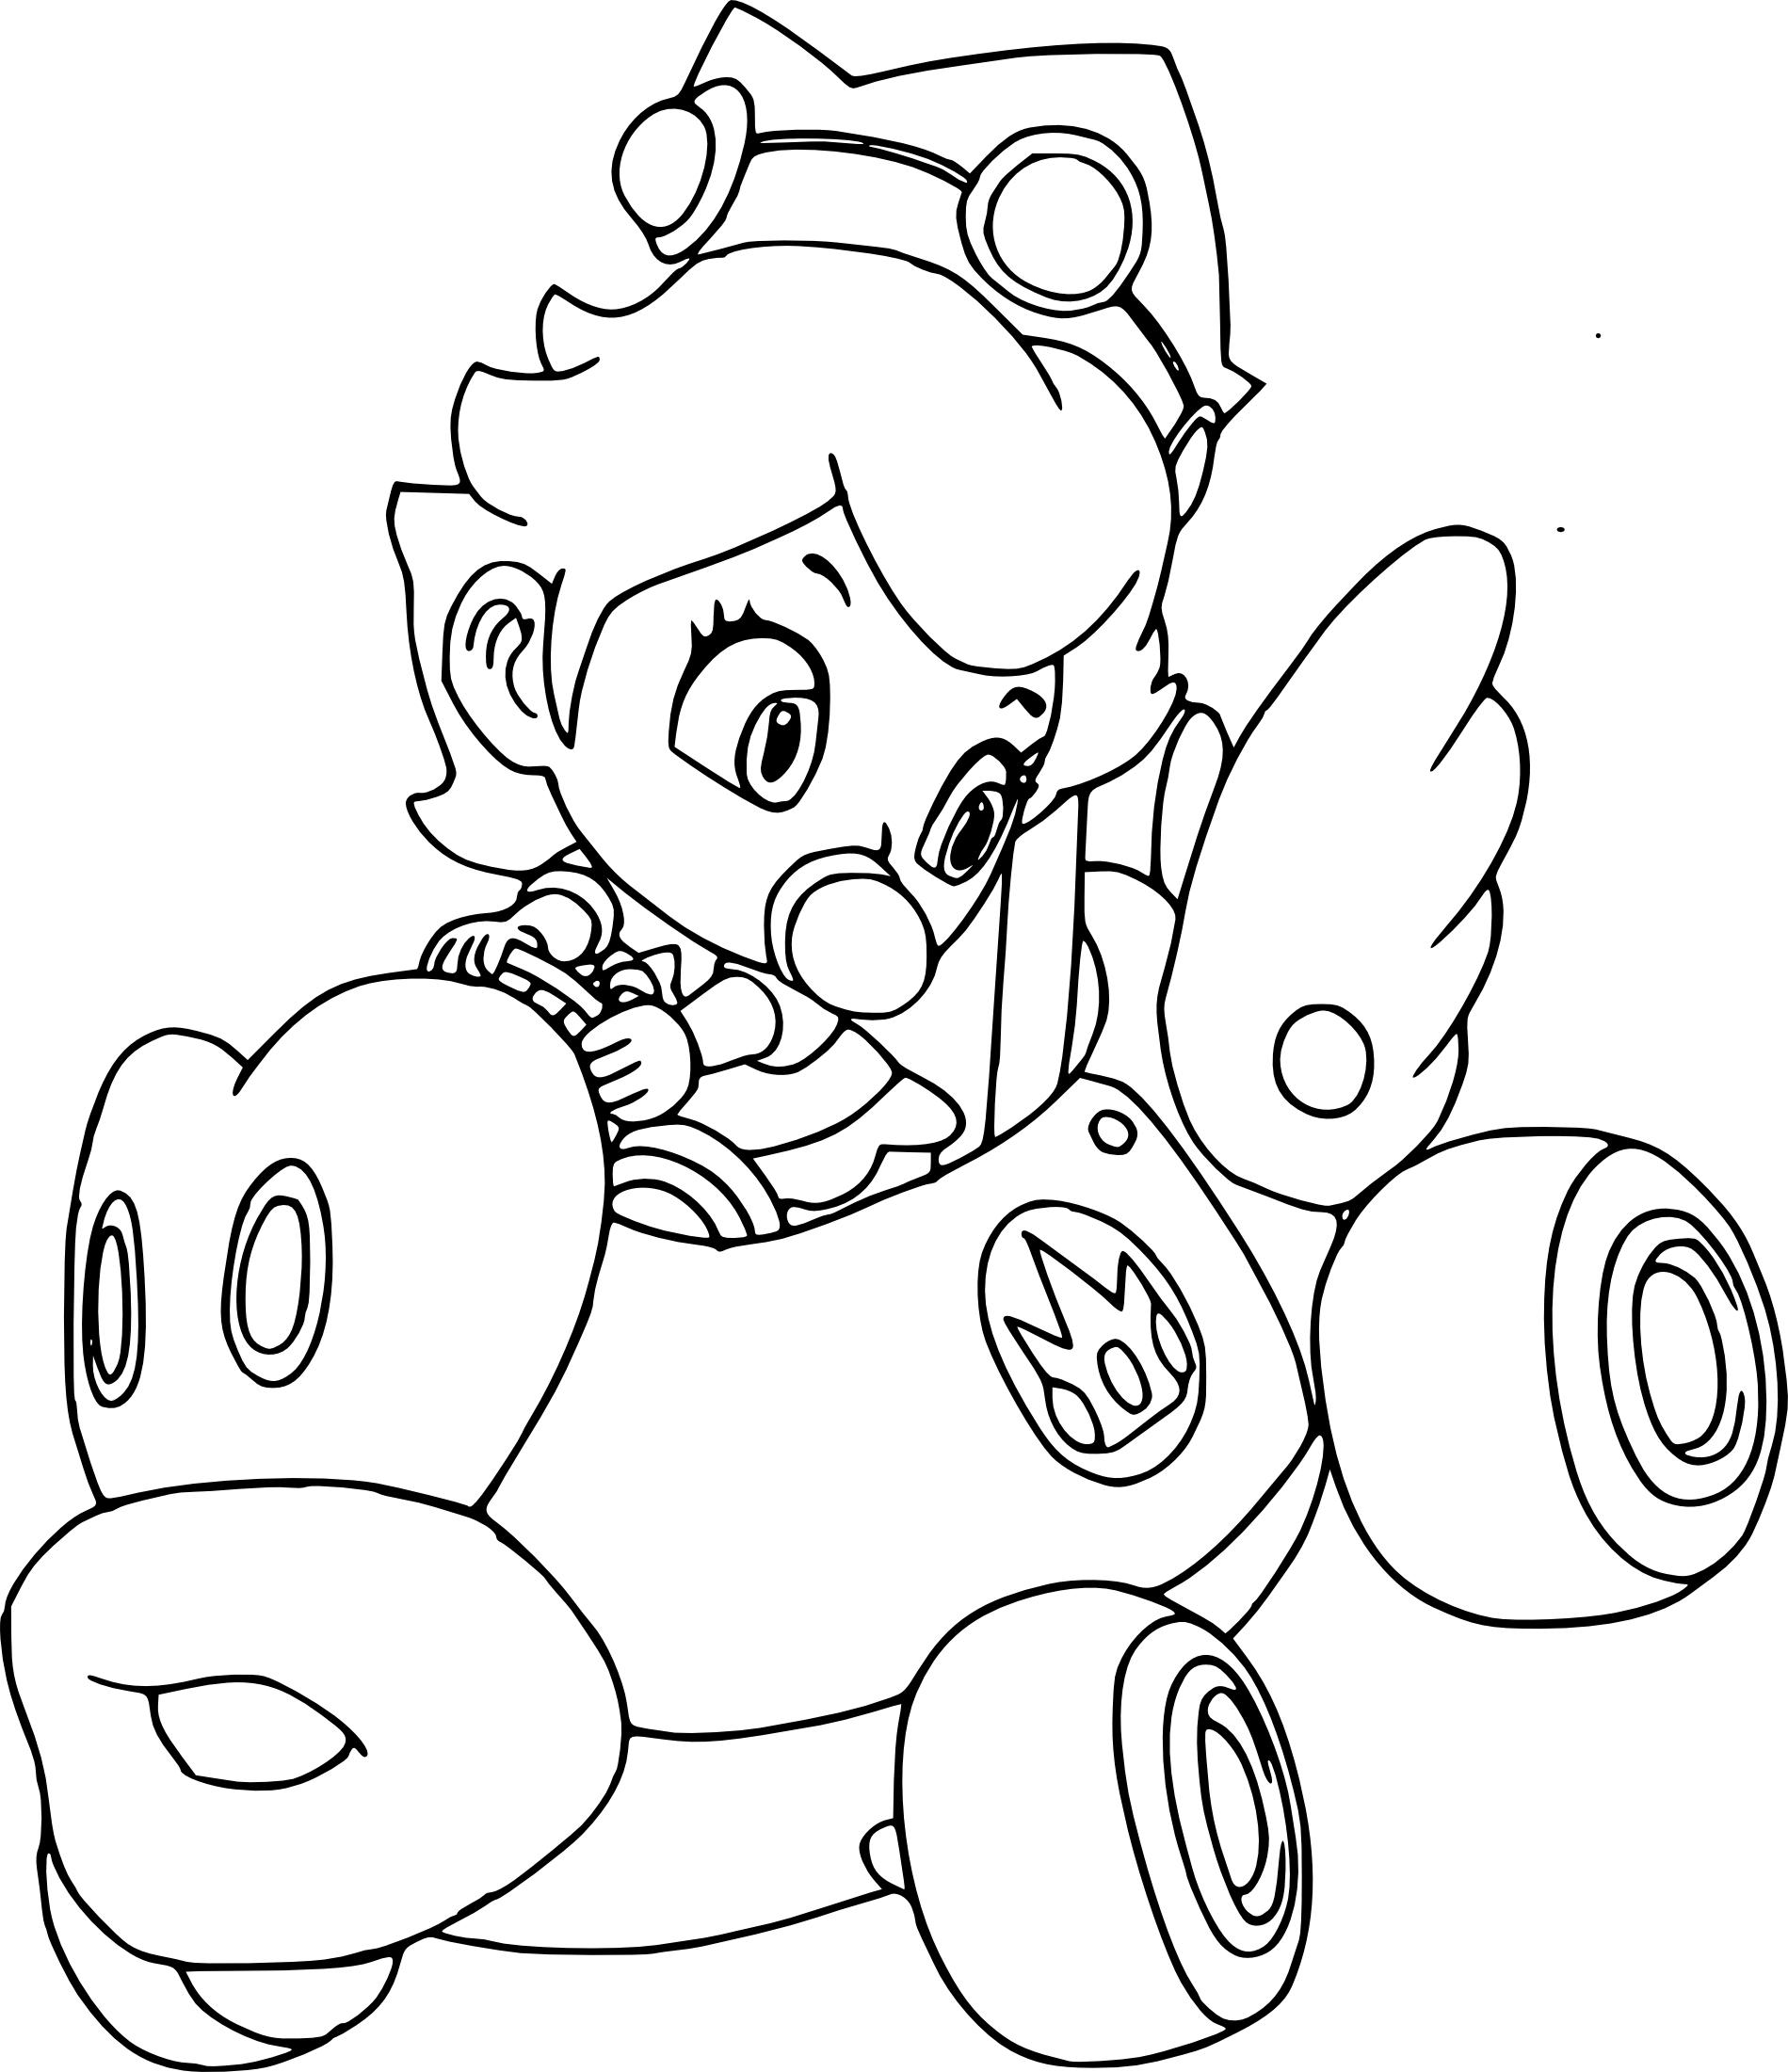 Coloriage Peach Mario Kart A Imprimer